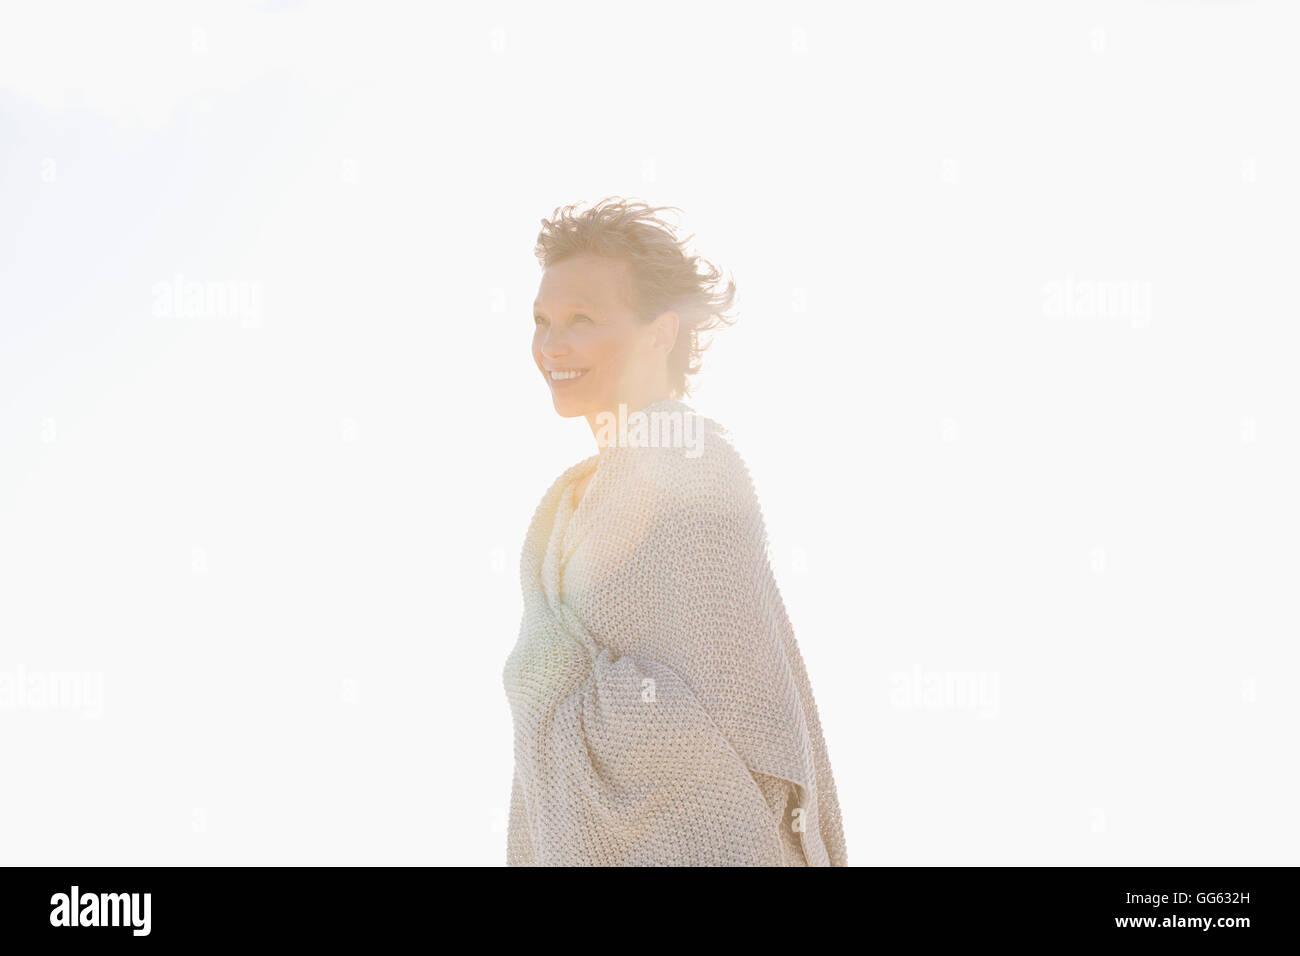 Seitenansicht einer Frau lächelnd Stockbild